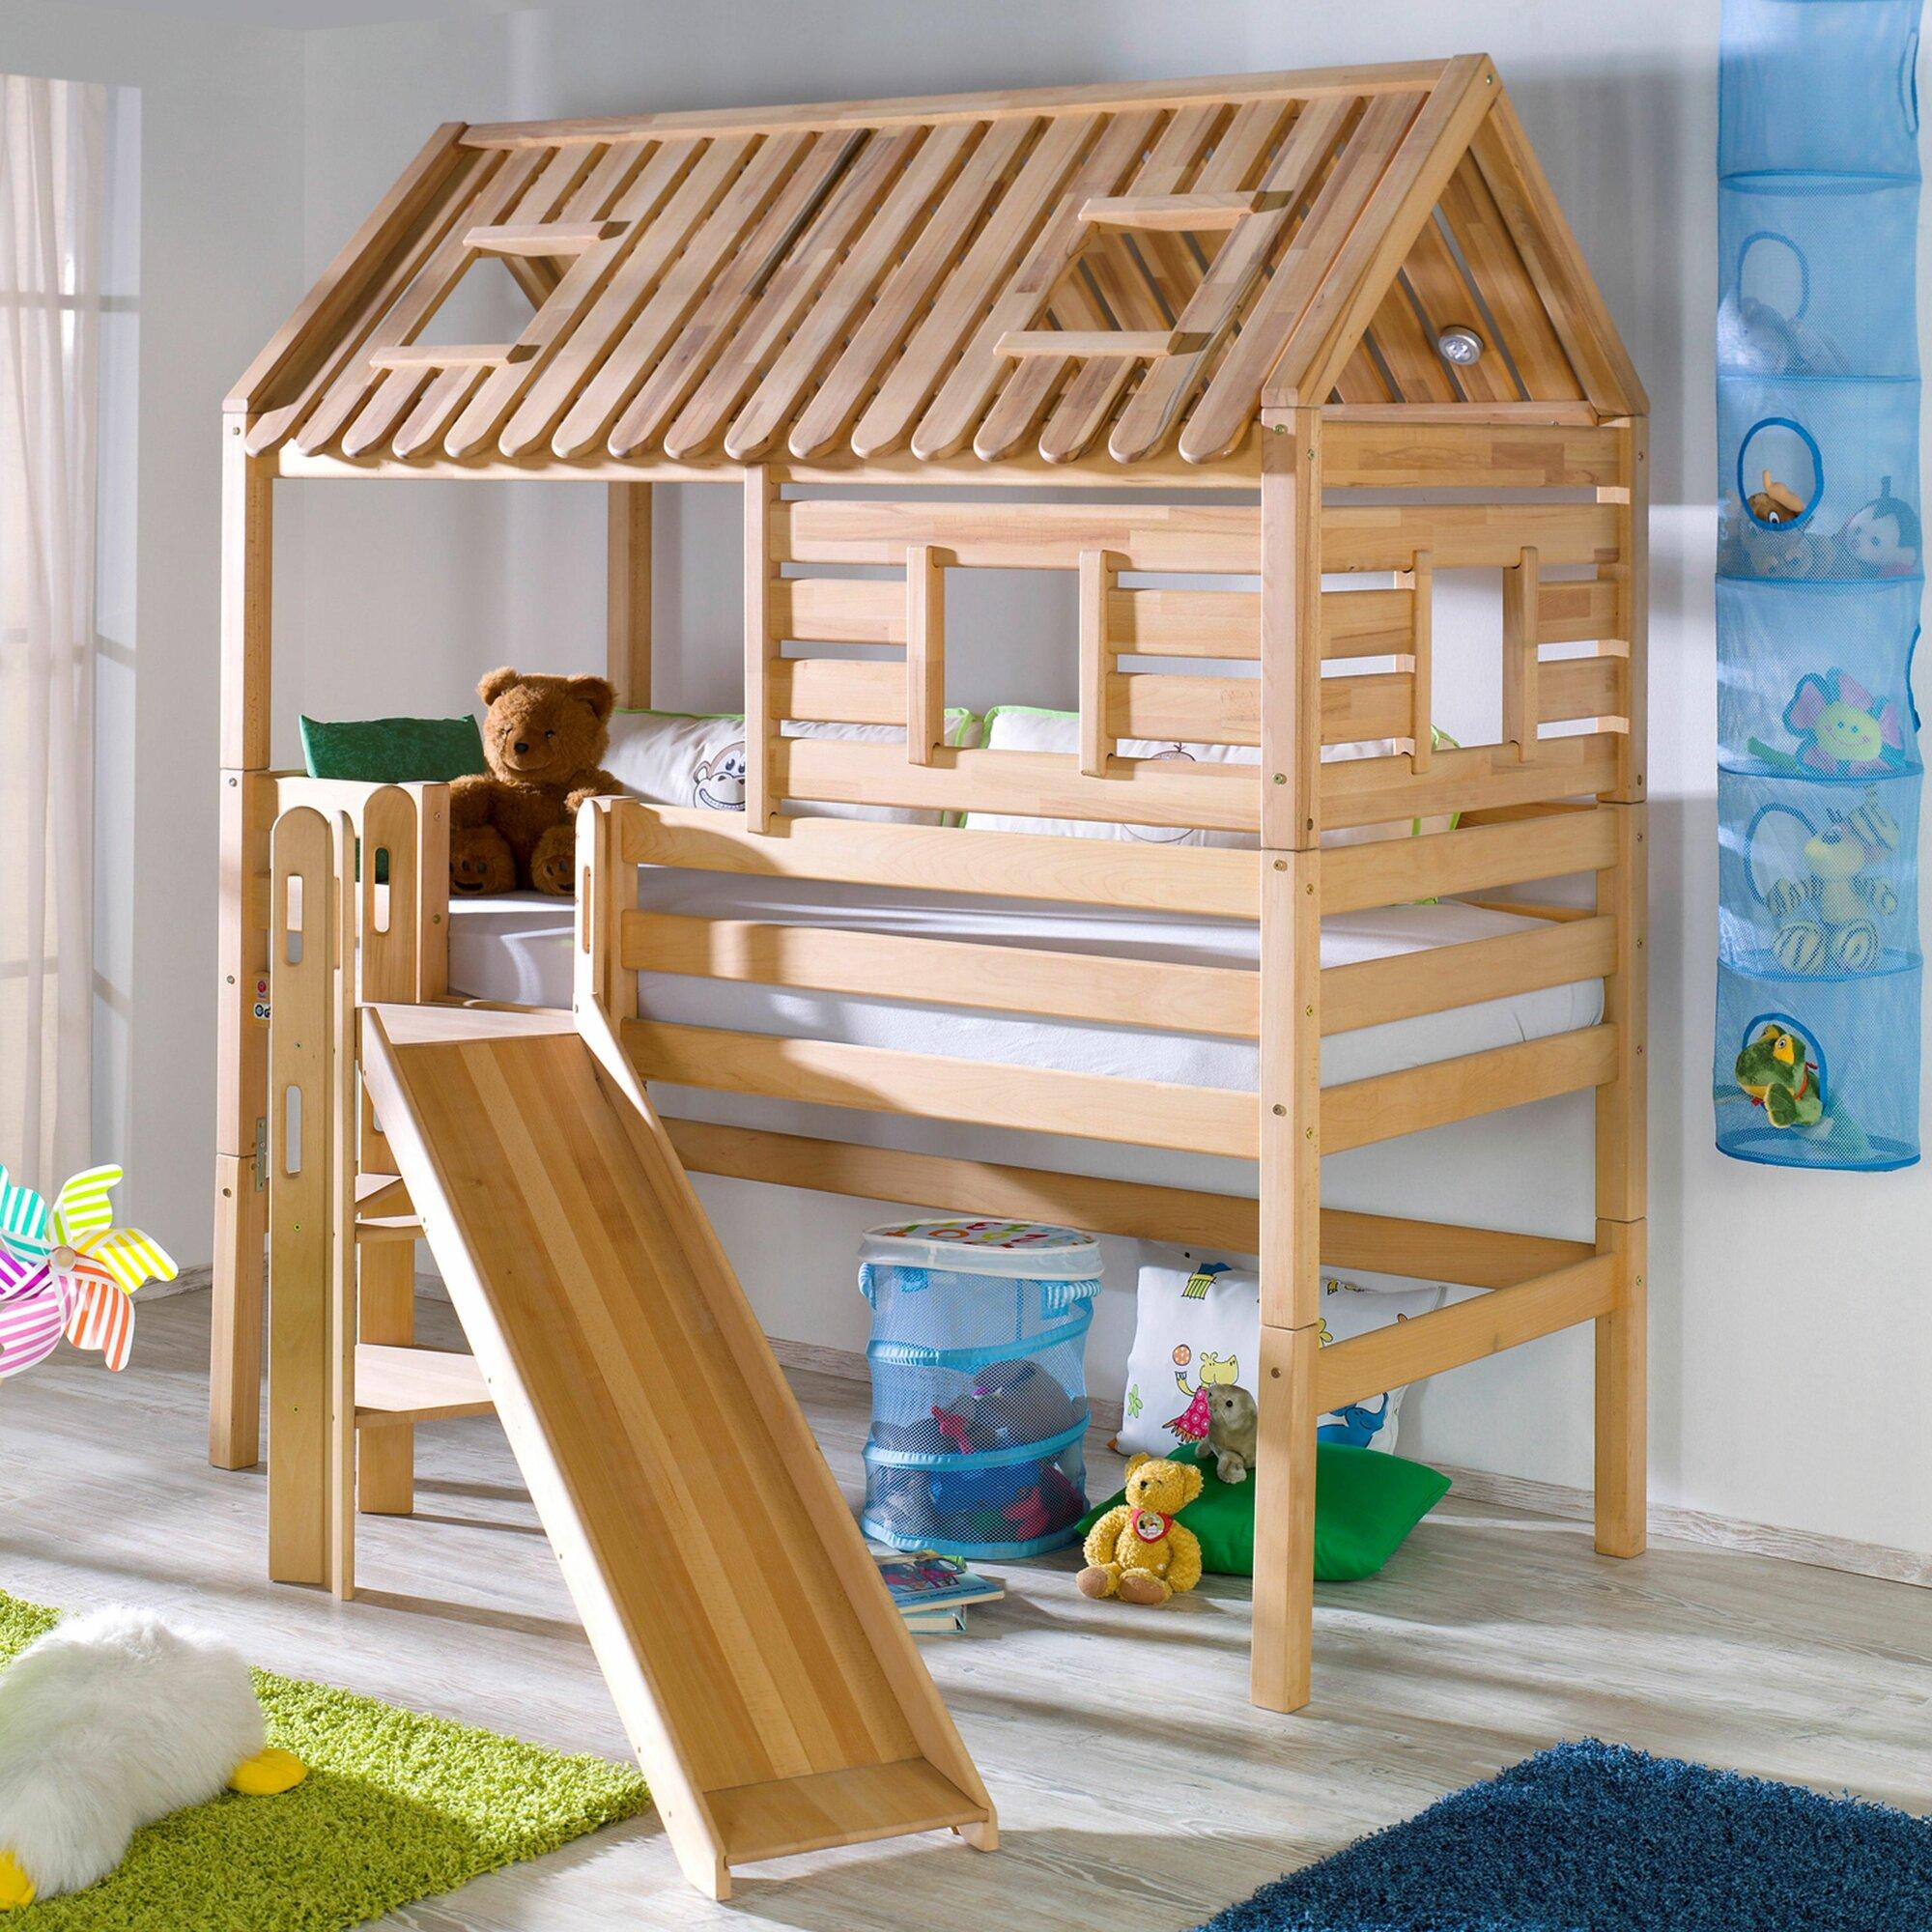 relita hochbett tom 39 s h tte mit rutsche 90 x 200 cm. Black Bedroom Furniture Sets. Home Design Ideas